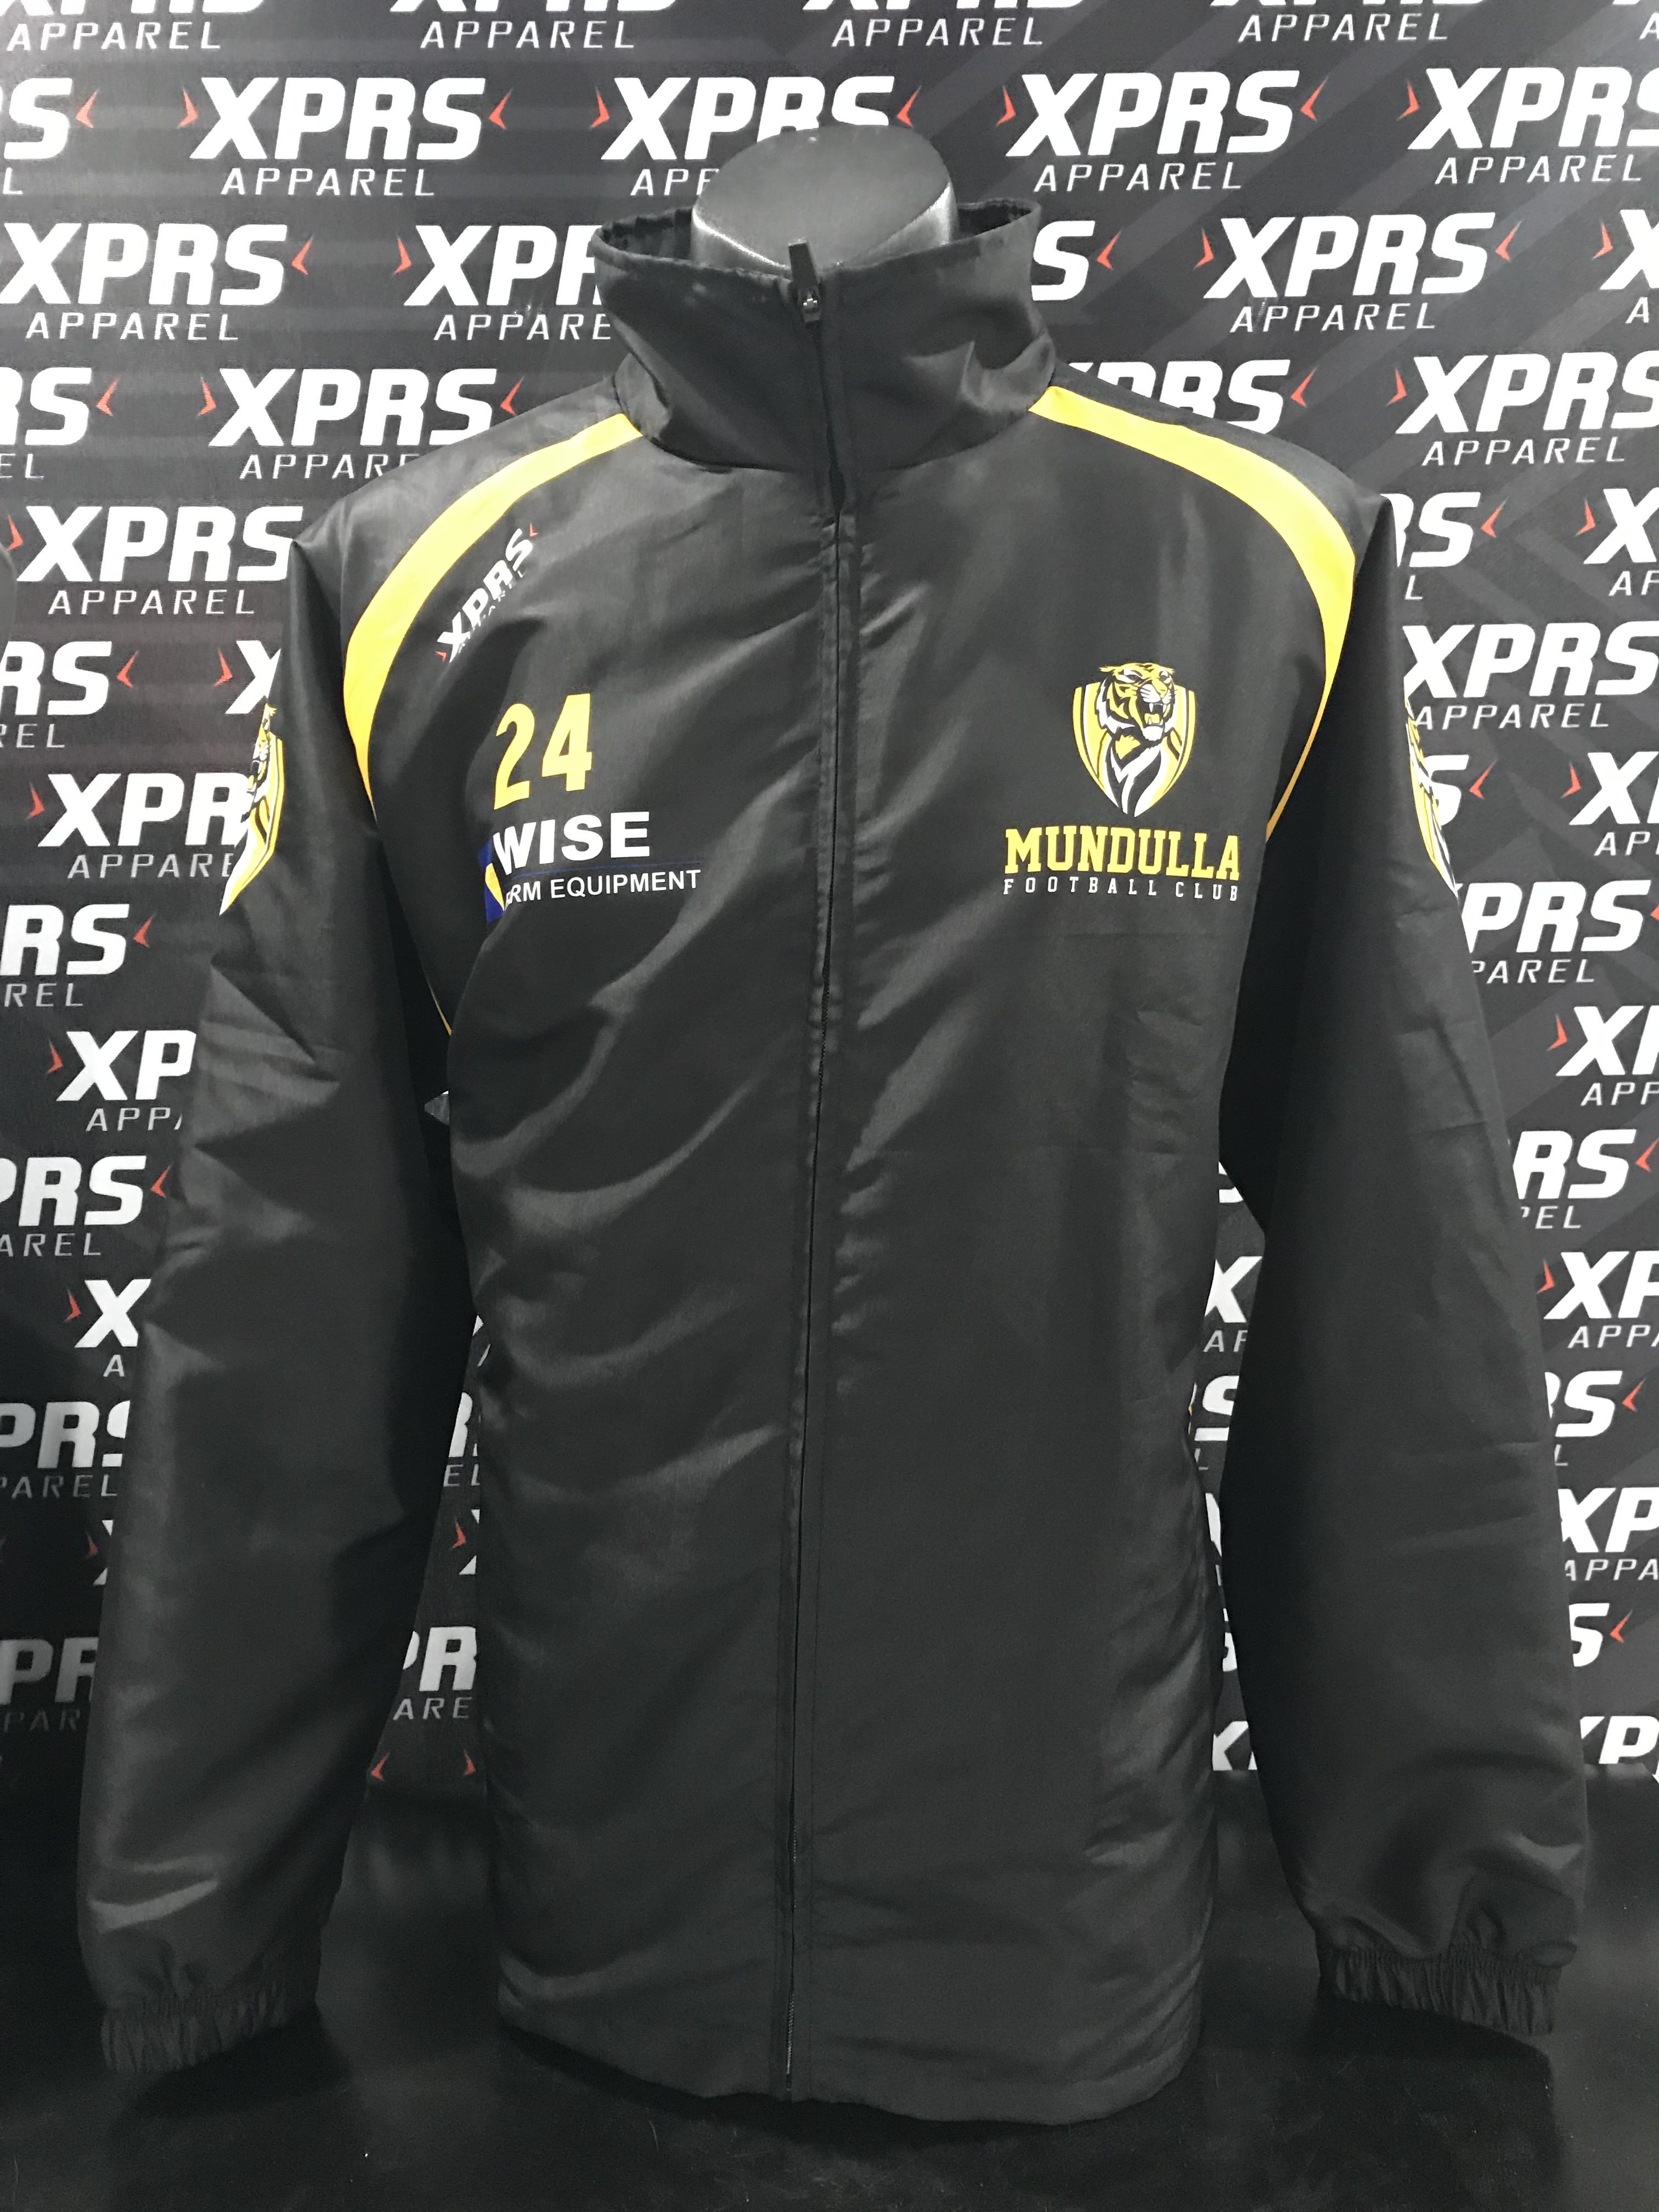 Mundulla FC Jackets